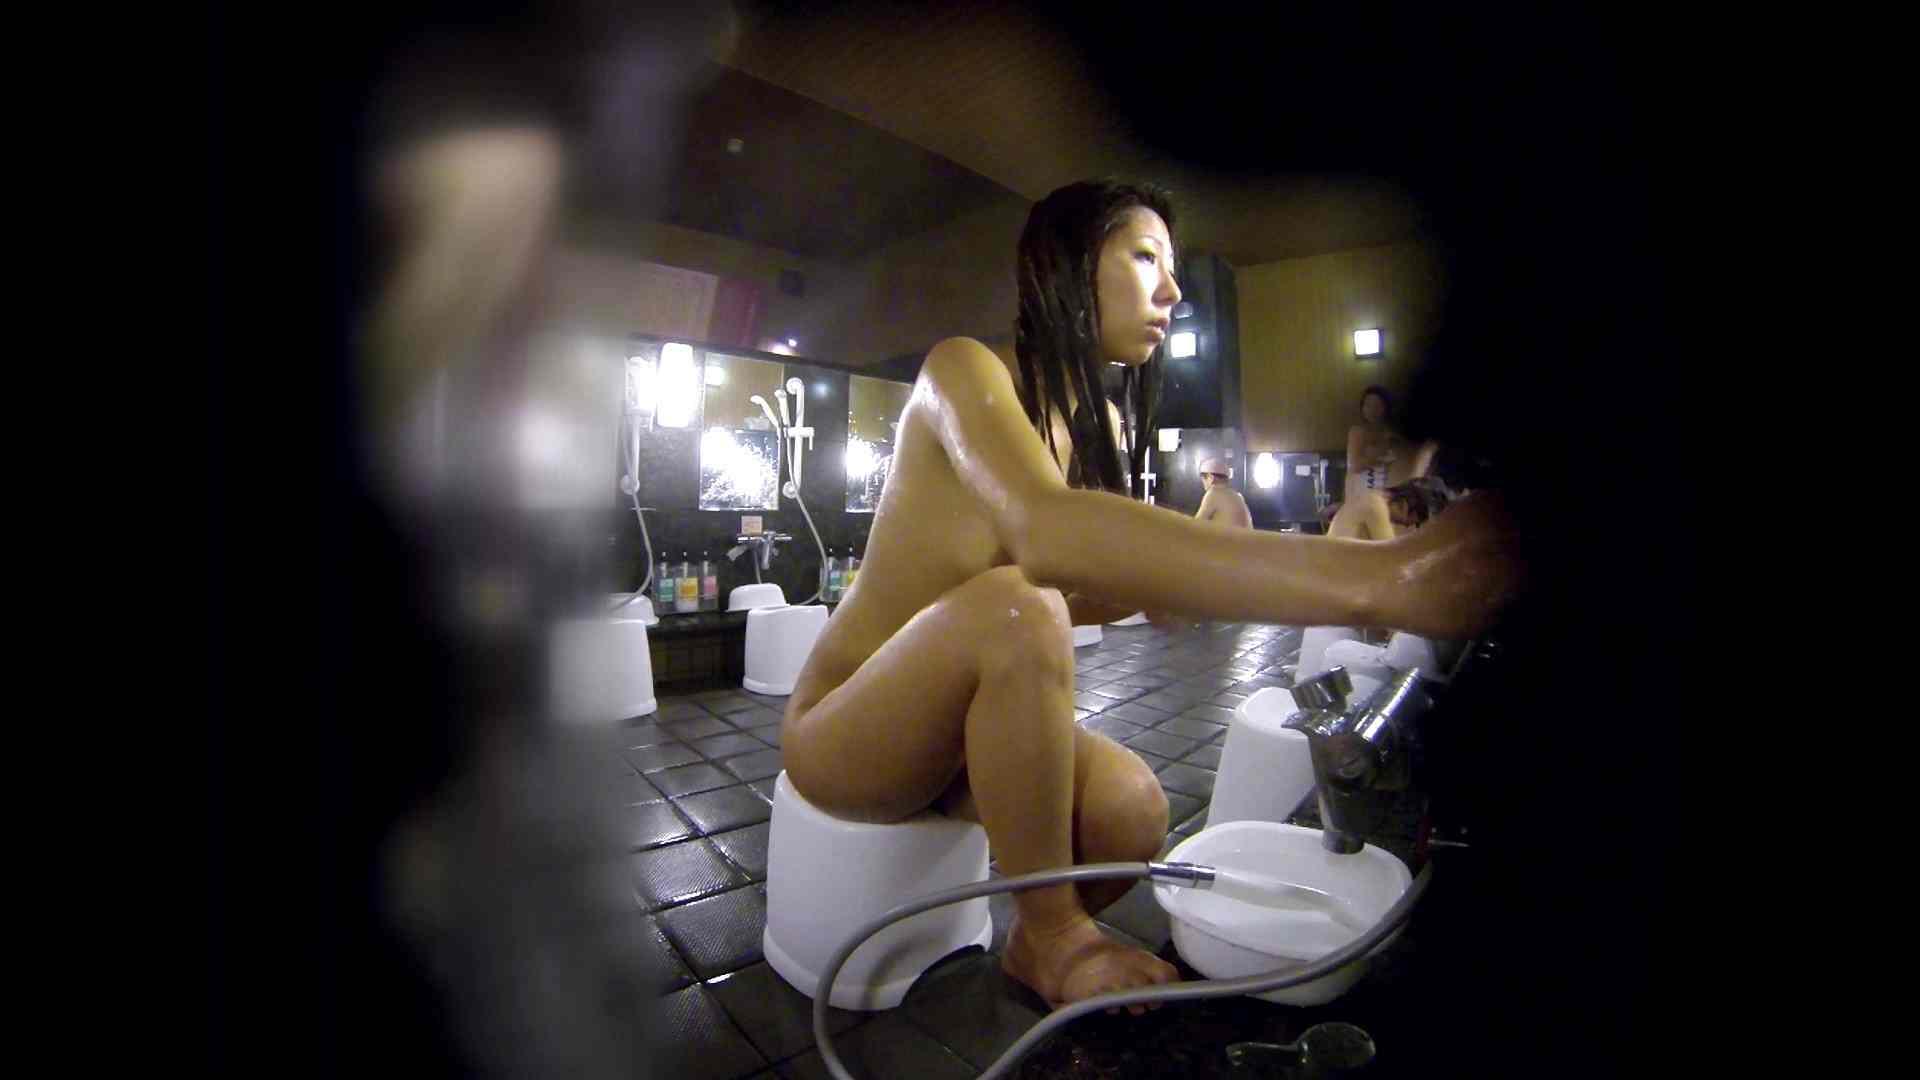 洗い場!綺麗に整えられた陰毛に嫉妬します。 エッチなお姉さん おめこ無修正動画無料 82画像 26